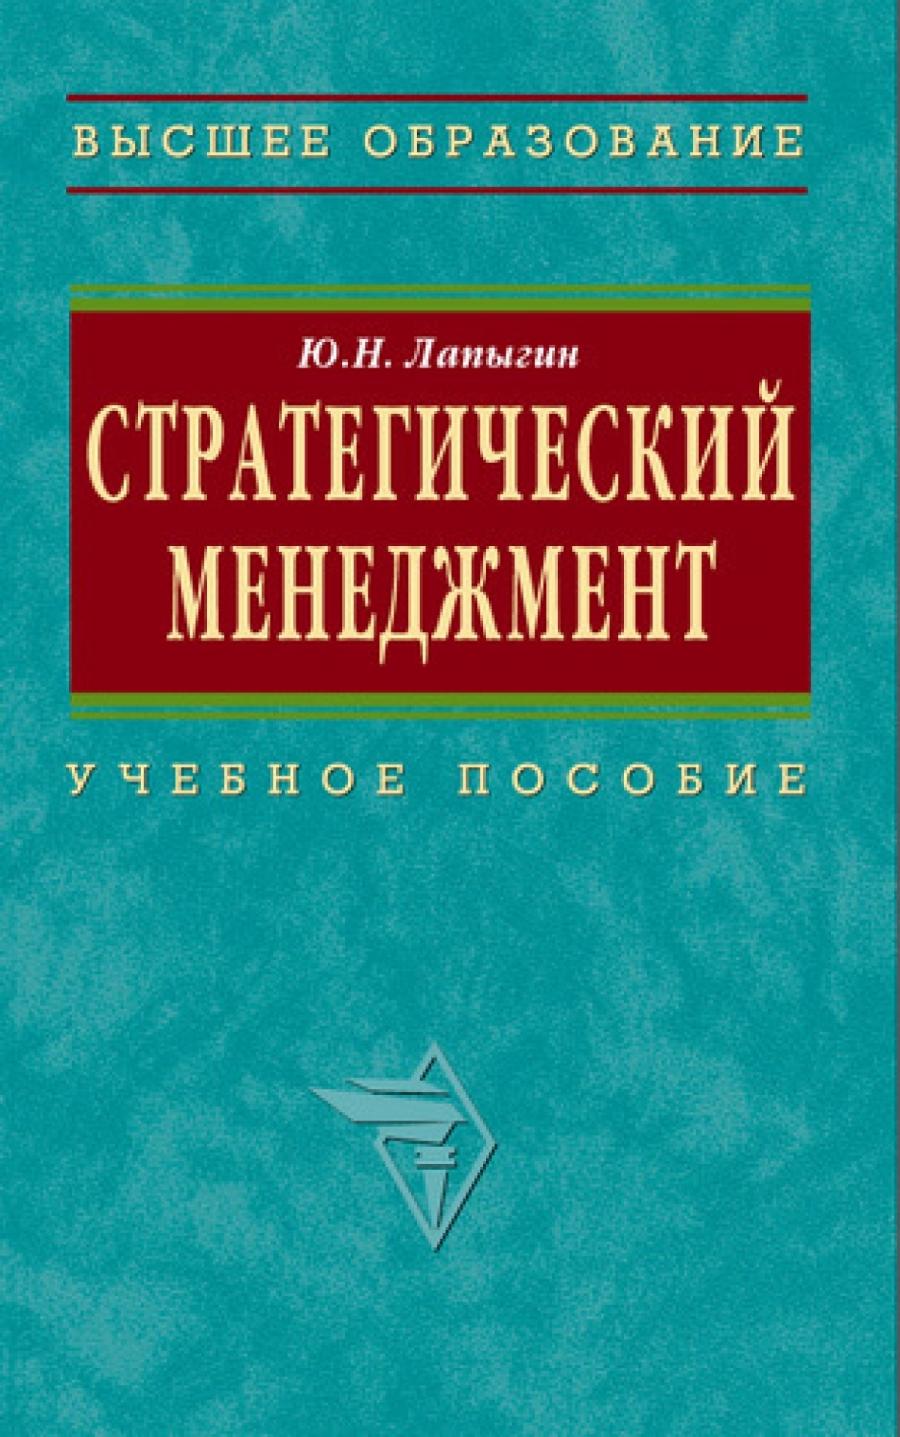 Обложка книги:  лапыгин ю.н. - стратегический менеджмент. учебное пособие.